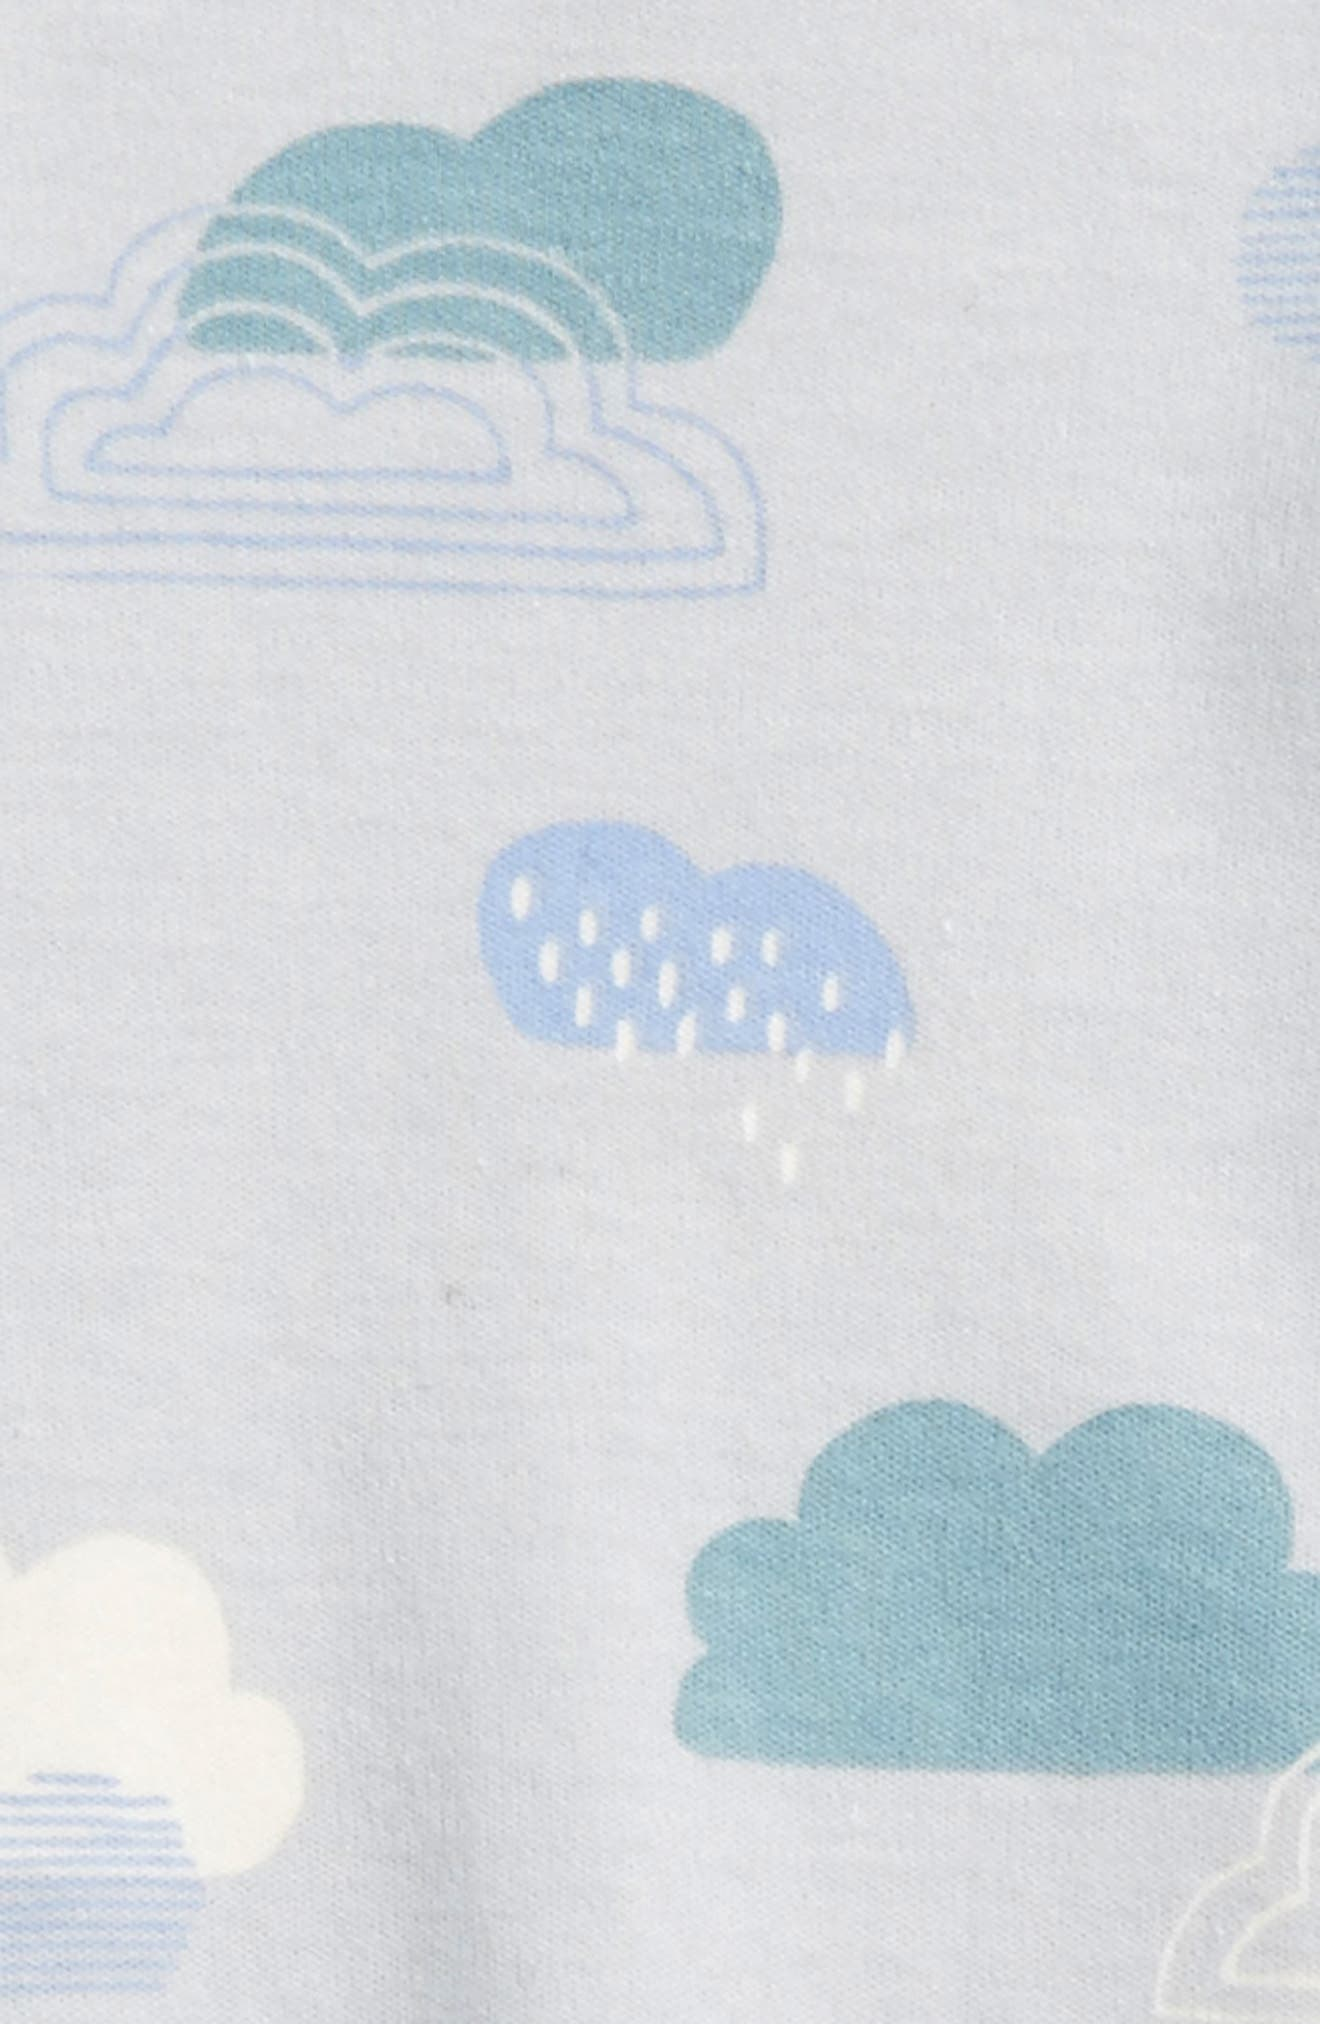 Cloud Print Gown,                             Alternate thumbnail 2, color,                             Clouds